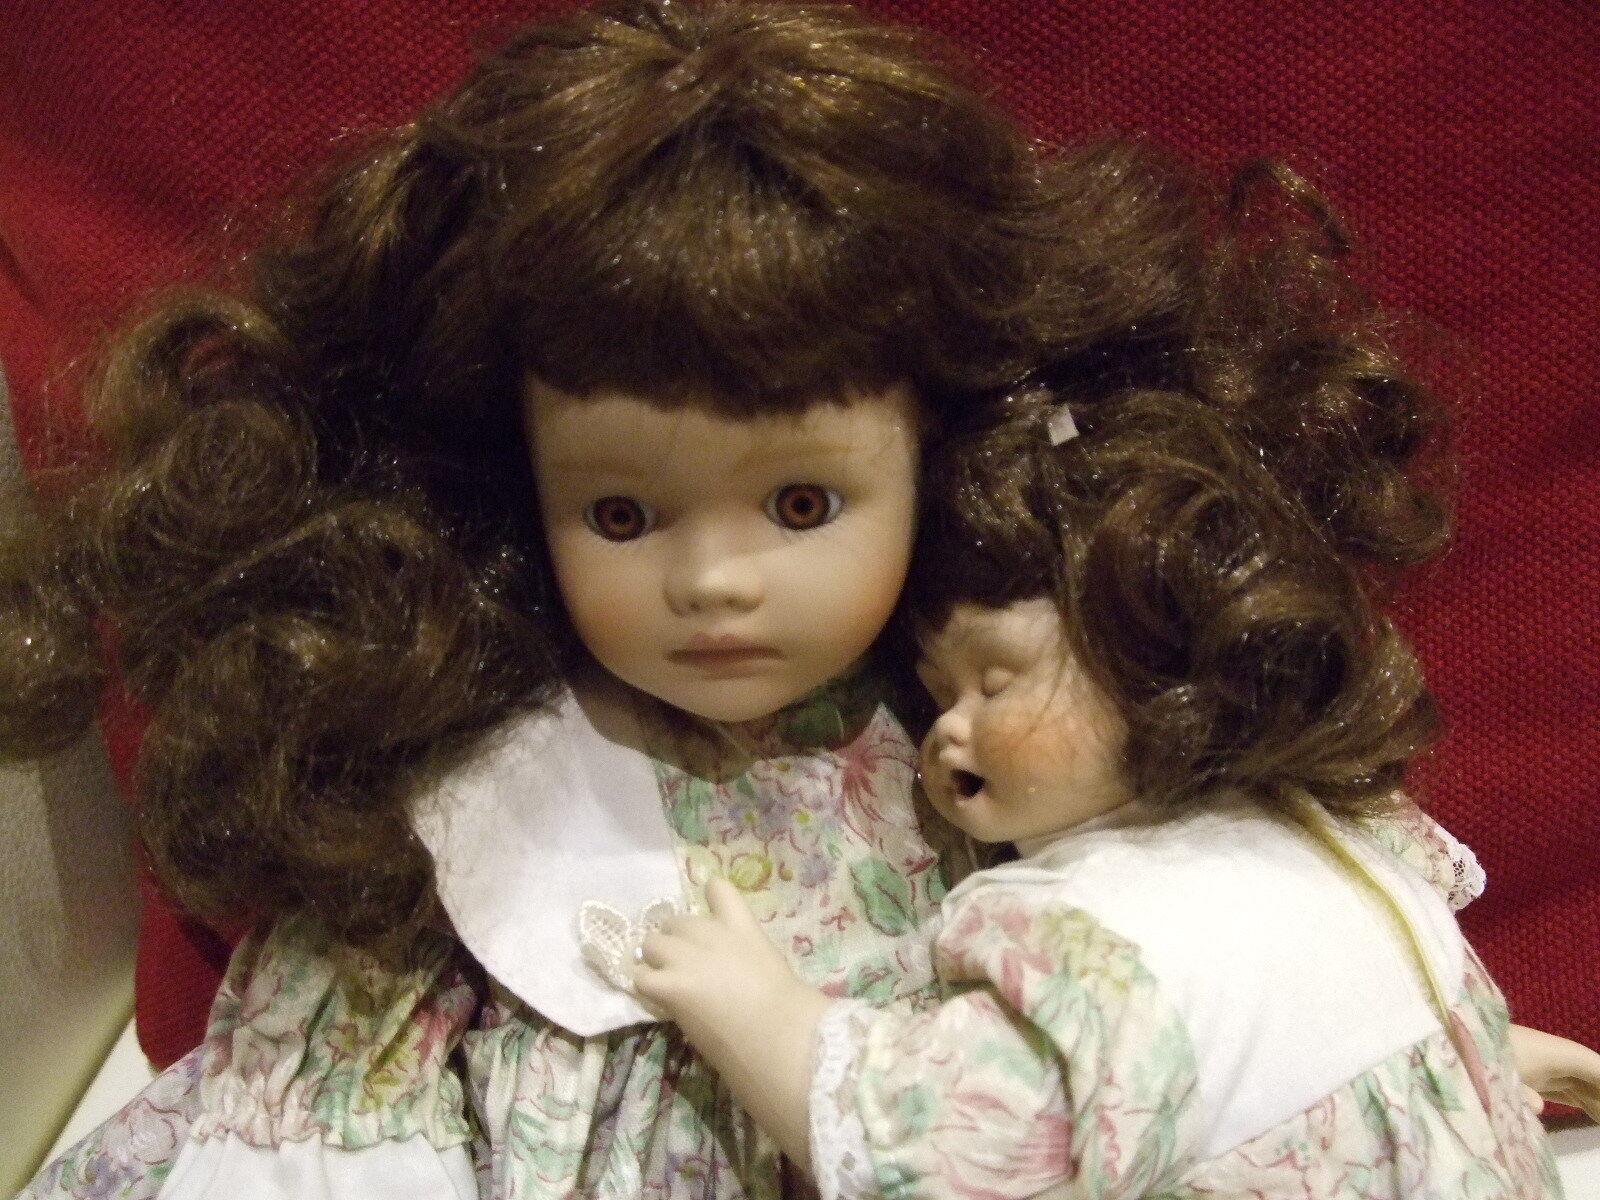 Künstlerpuppe Gilde Puppe mit mit Puppe Baby Kollektion Puppenstube Handarbeit mit zertif cff181